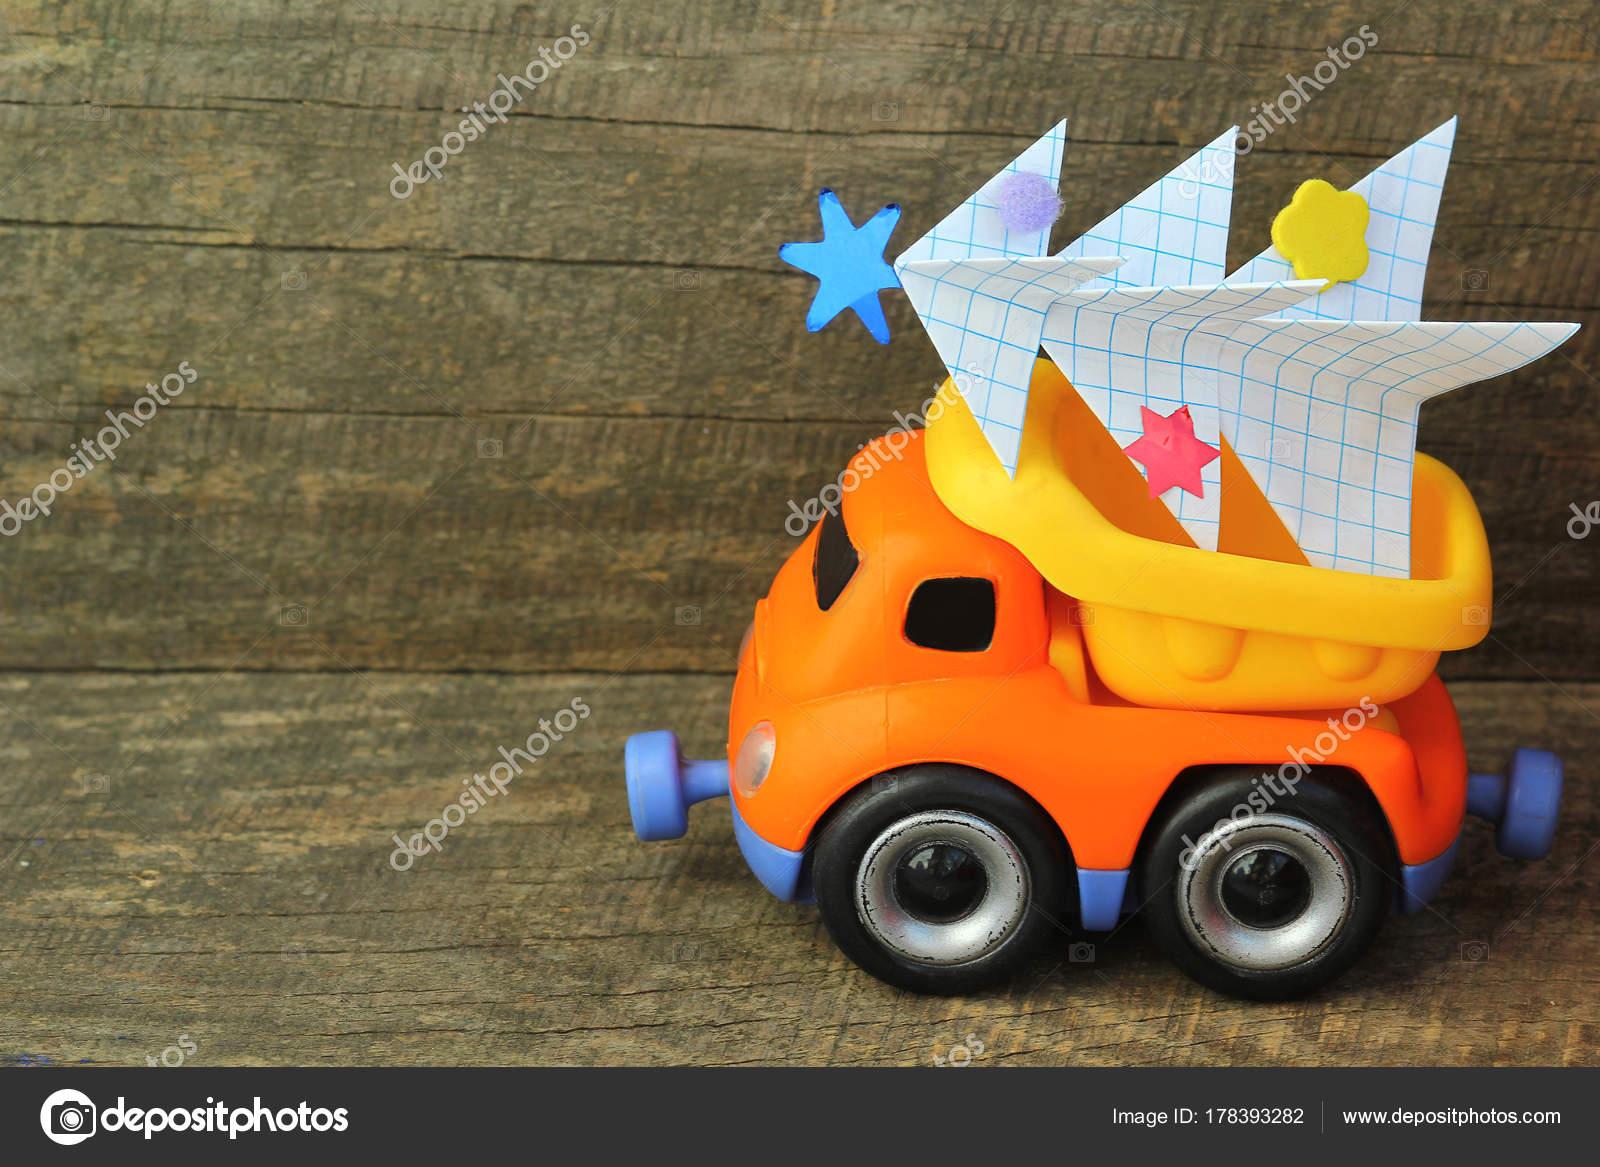 Juguete Carro Llevando Mano Hecho Arbol Navidad Papel Sobre Fondo